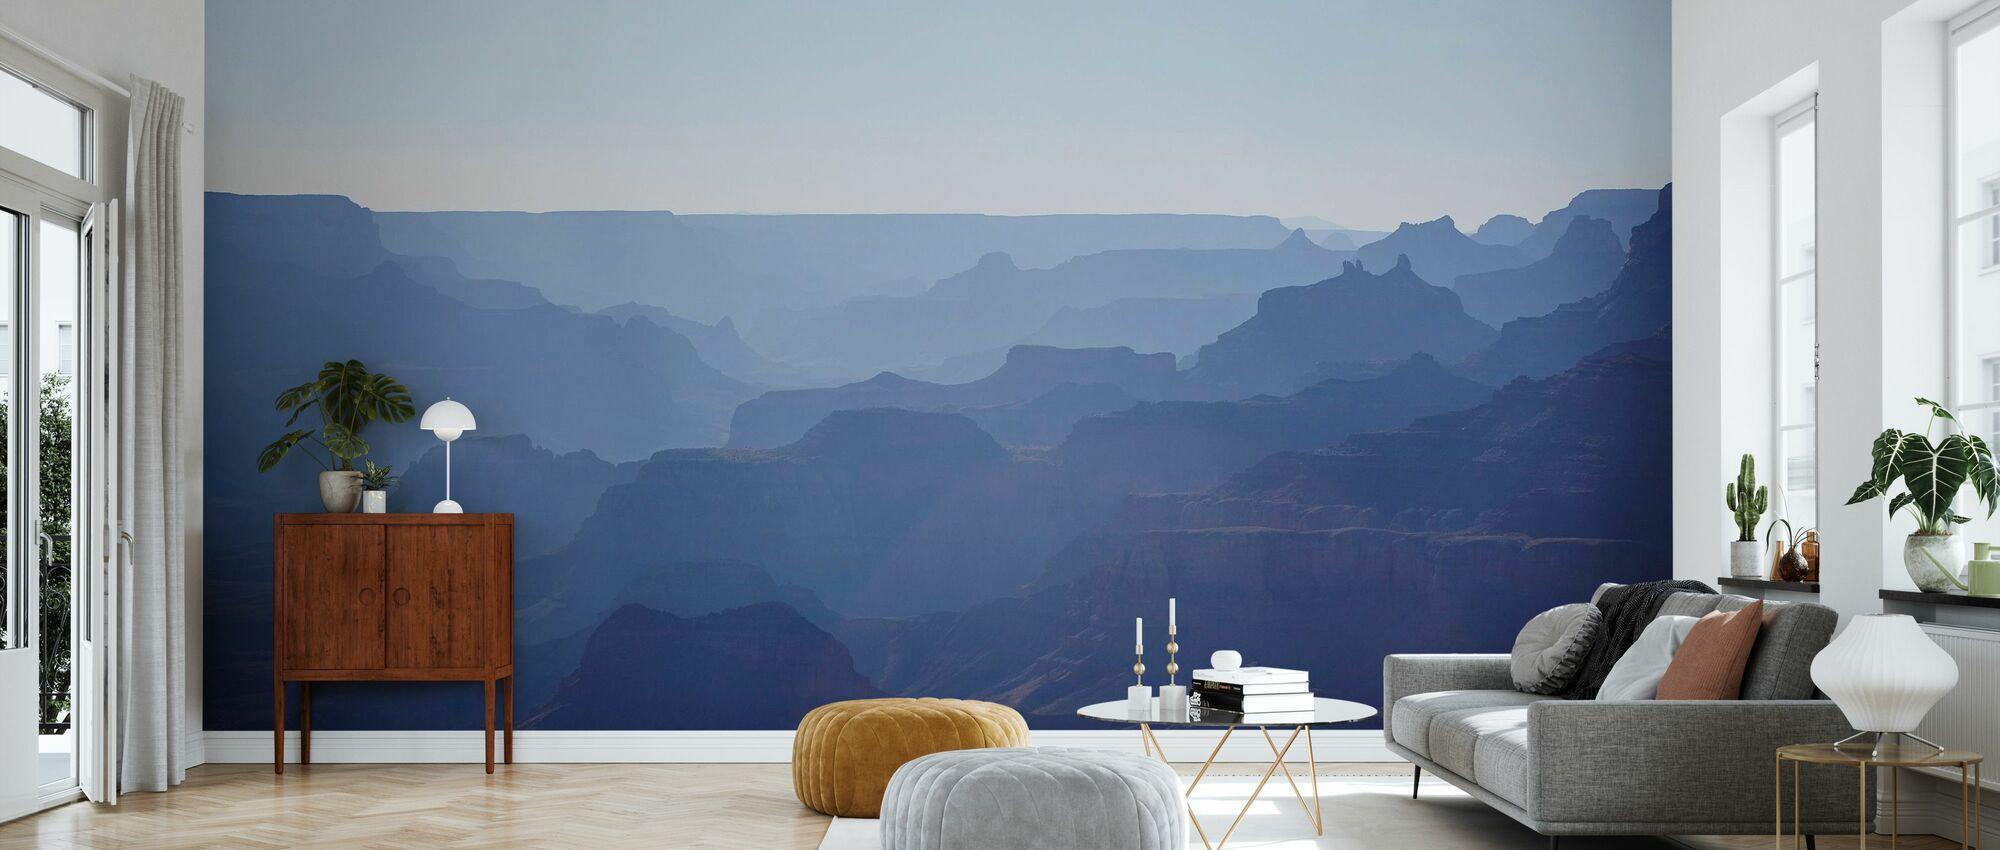 Uitzicht over Blue Grand Canyon - Behang - Woonkamer